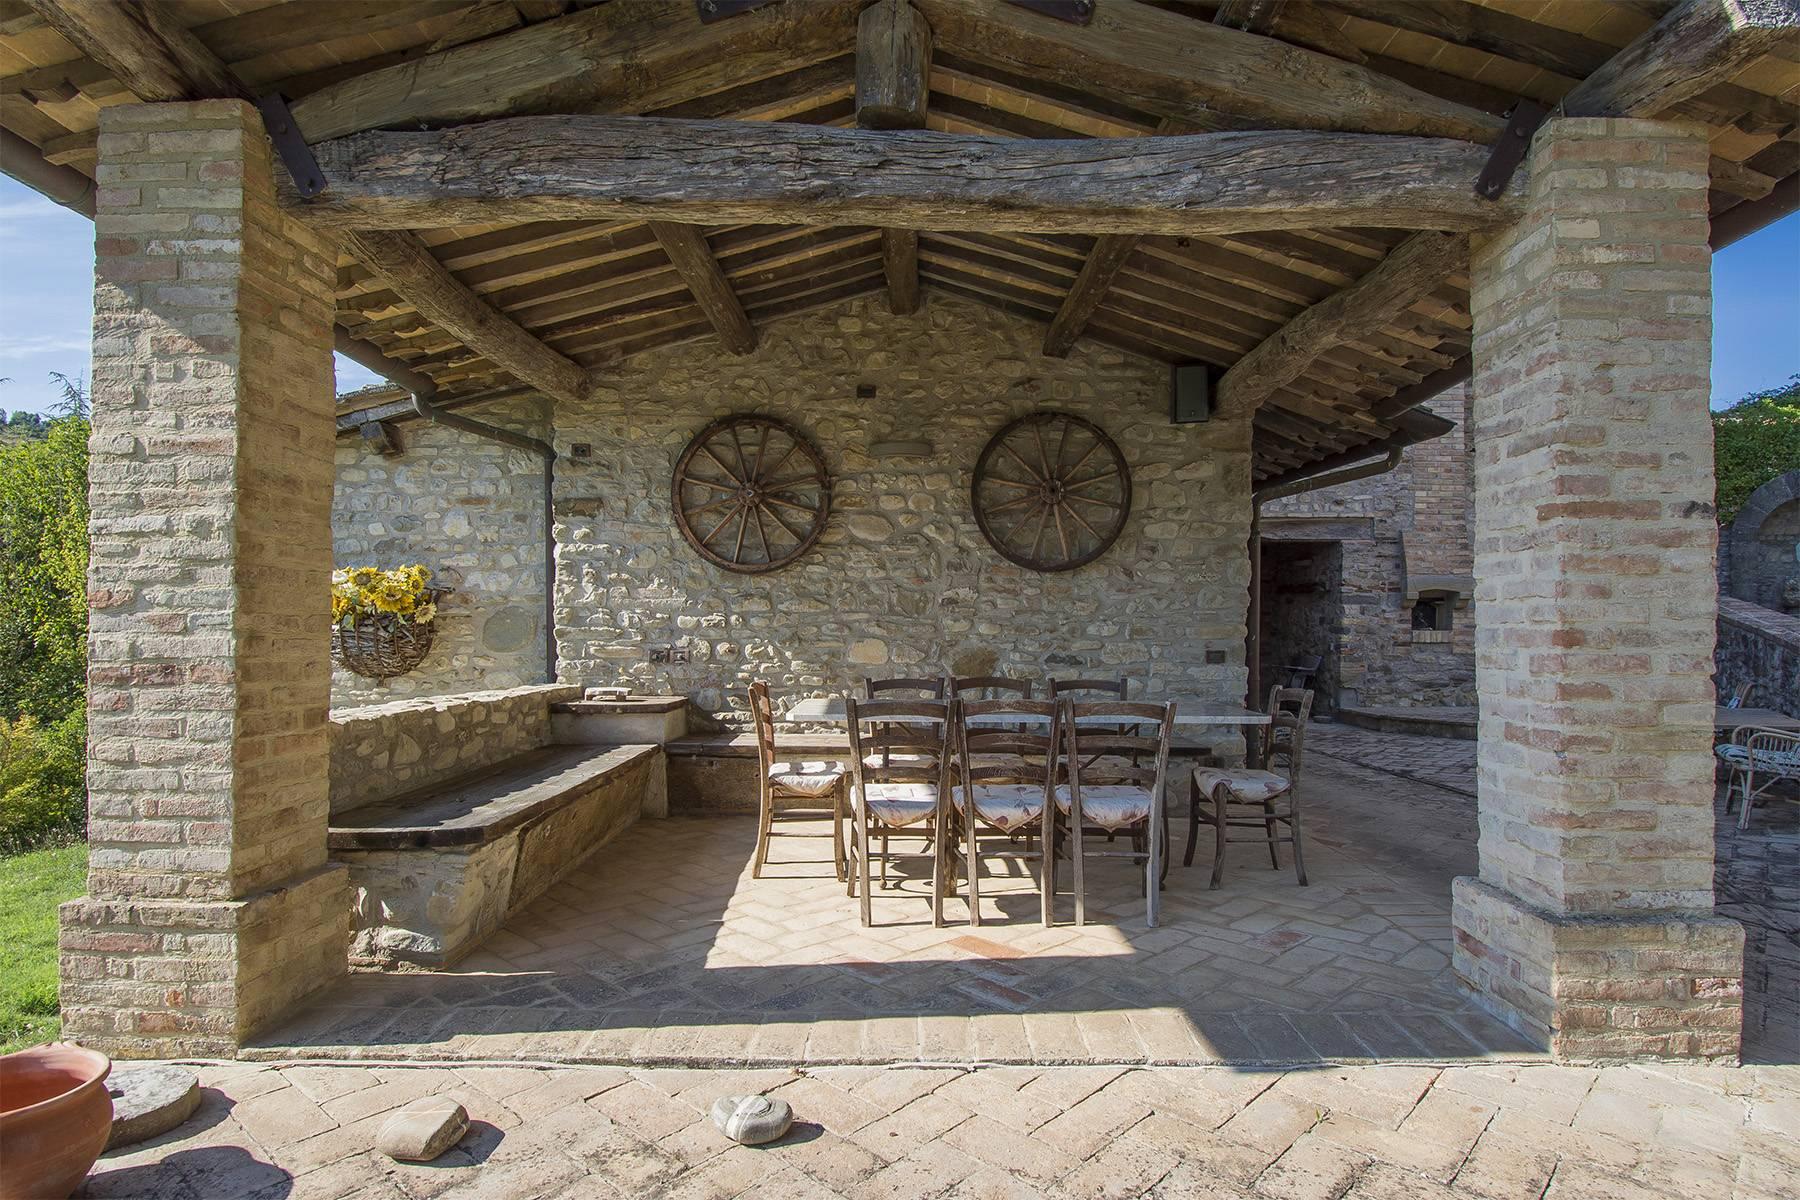 Rustico in Vendita a Montone: 5 locali, 700 mq - Foto 17